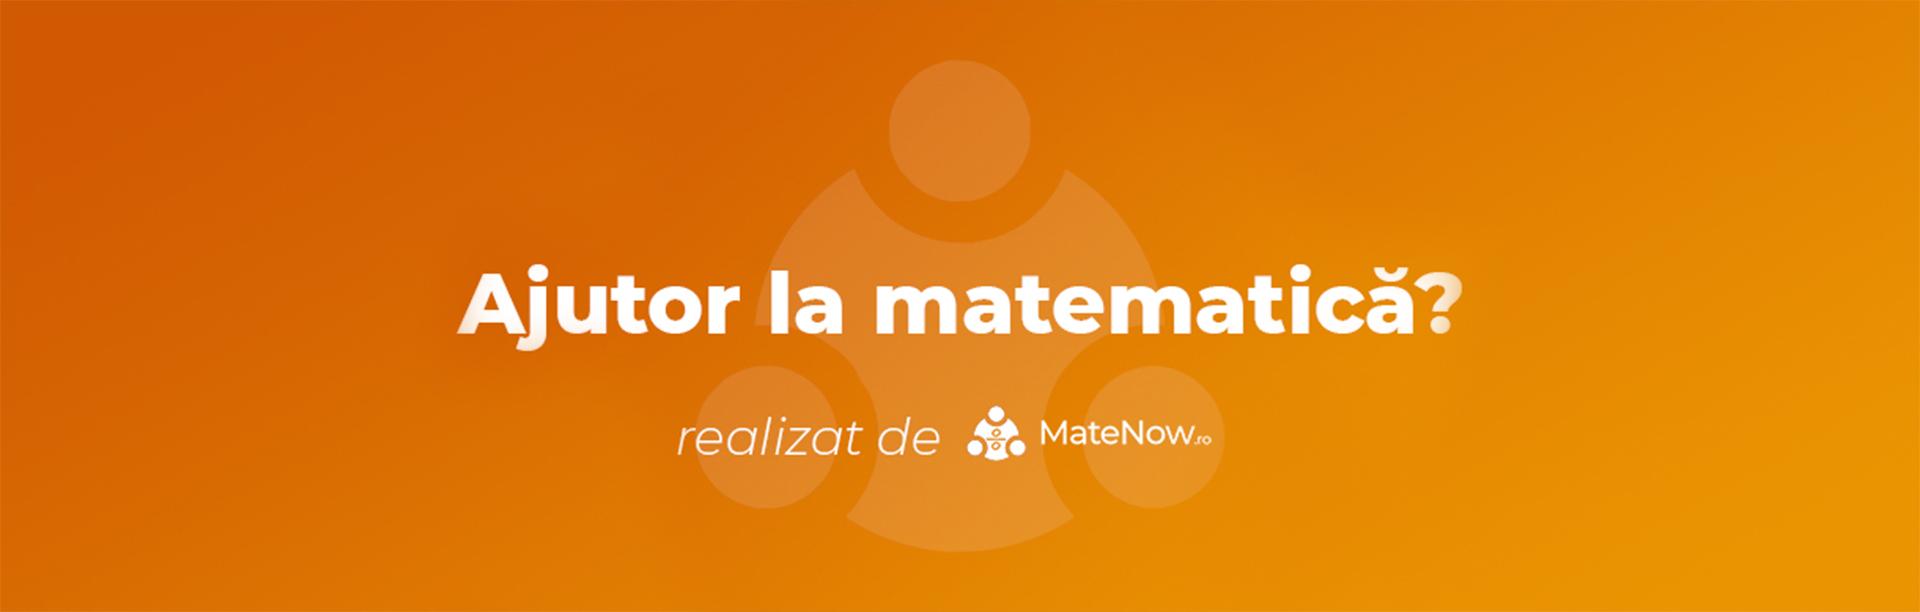 matenow